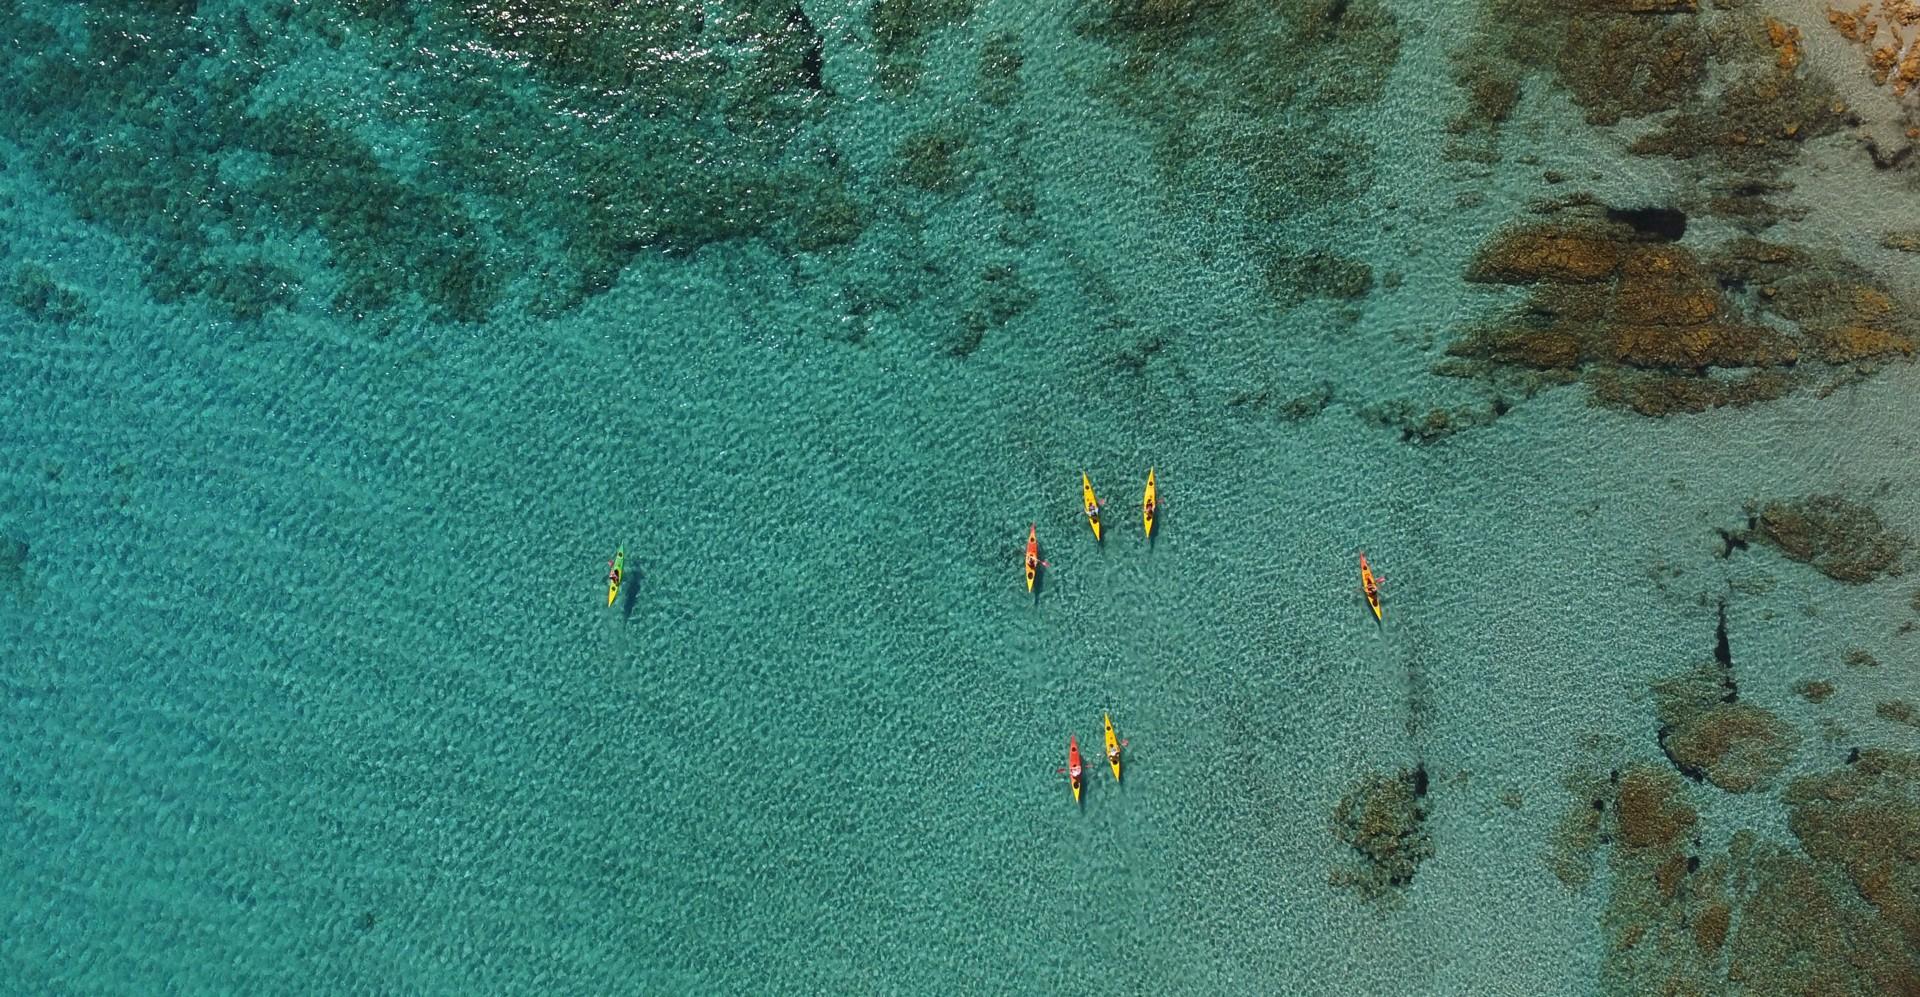 Spiaggia sa Curcurica - sea kayaking aerial shot5.jpg - Sardinia - Wilderness Blue Sea Kayaking - Kayaking